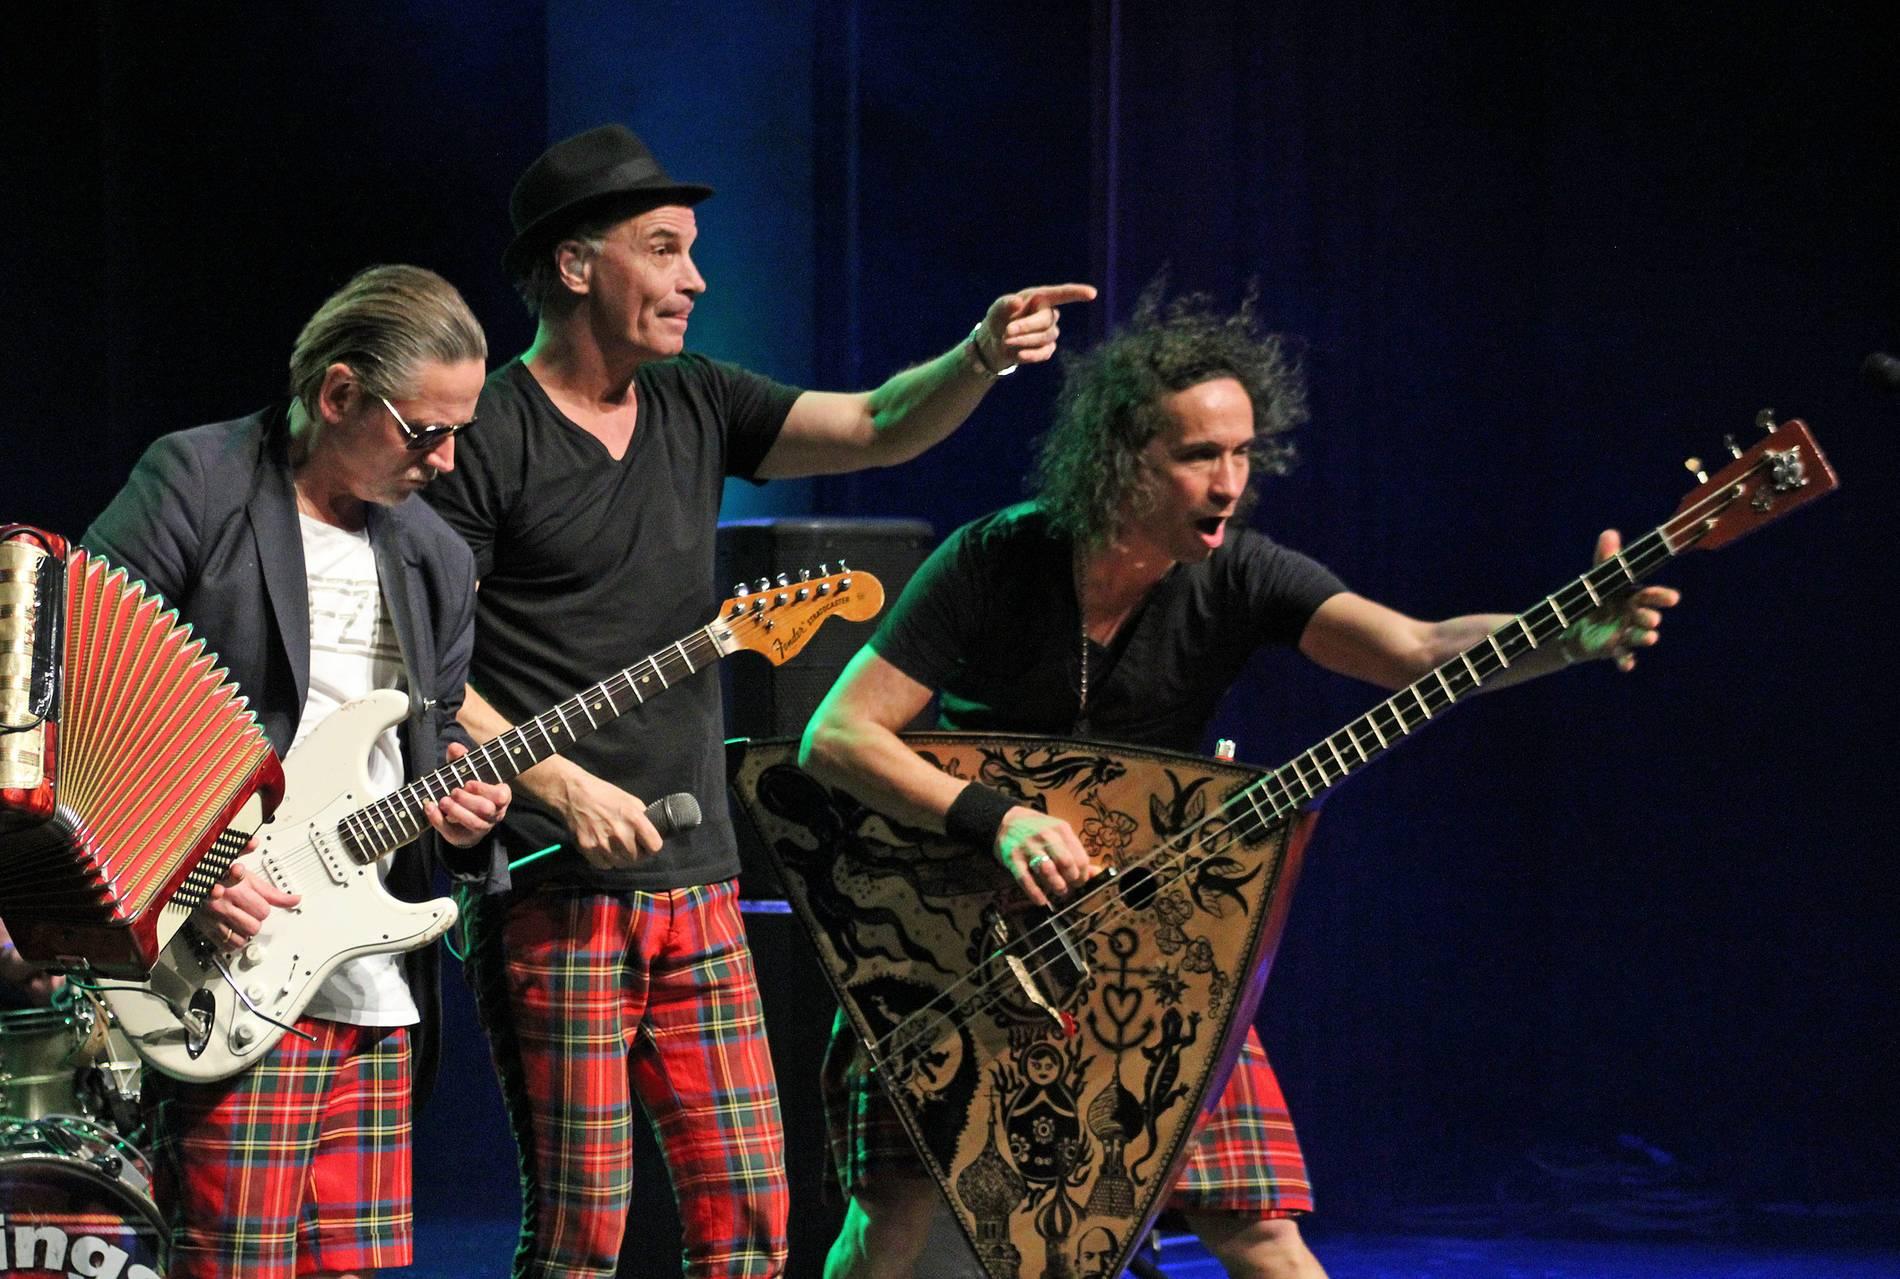 Die Band Brings bei einem Auftritt